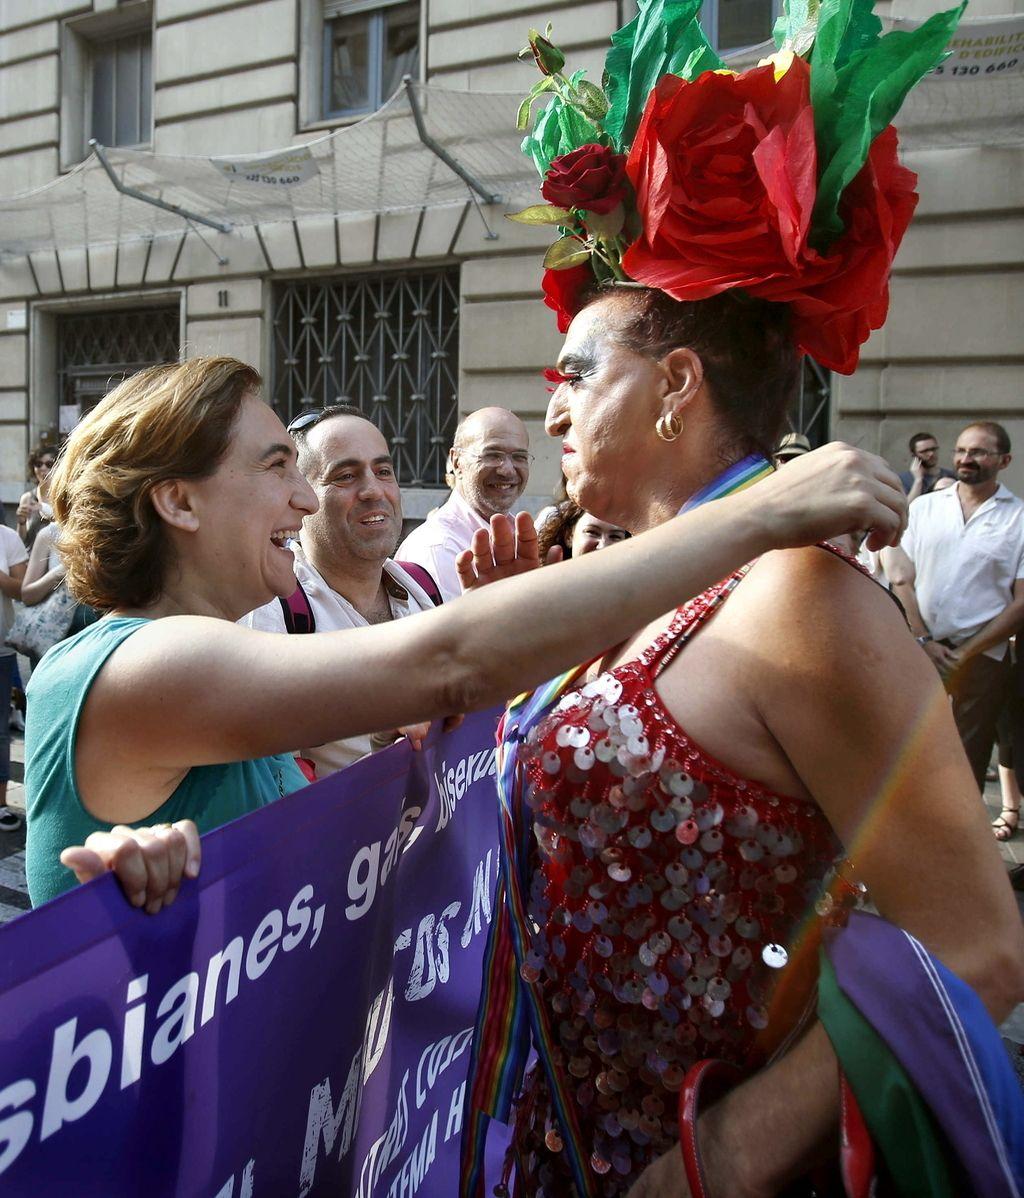 La alcaldesa de Barcelona, encabeza la manifestación reivindicativa del colectivo de gais y lesbianas